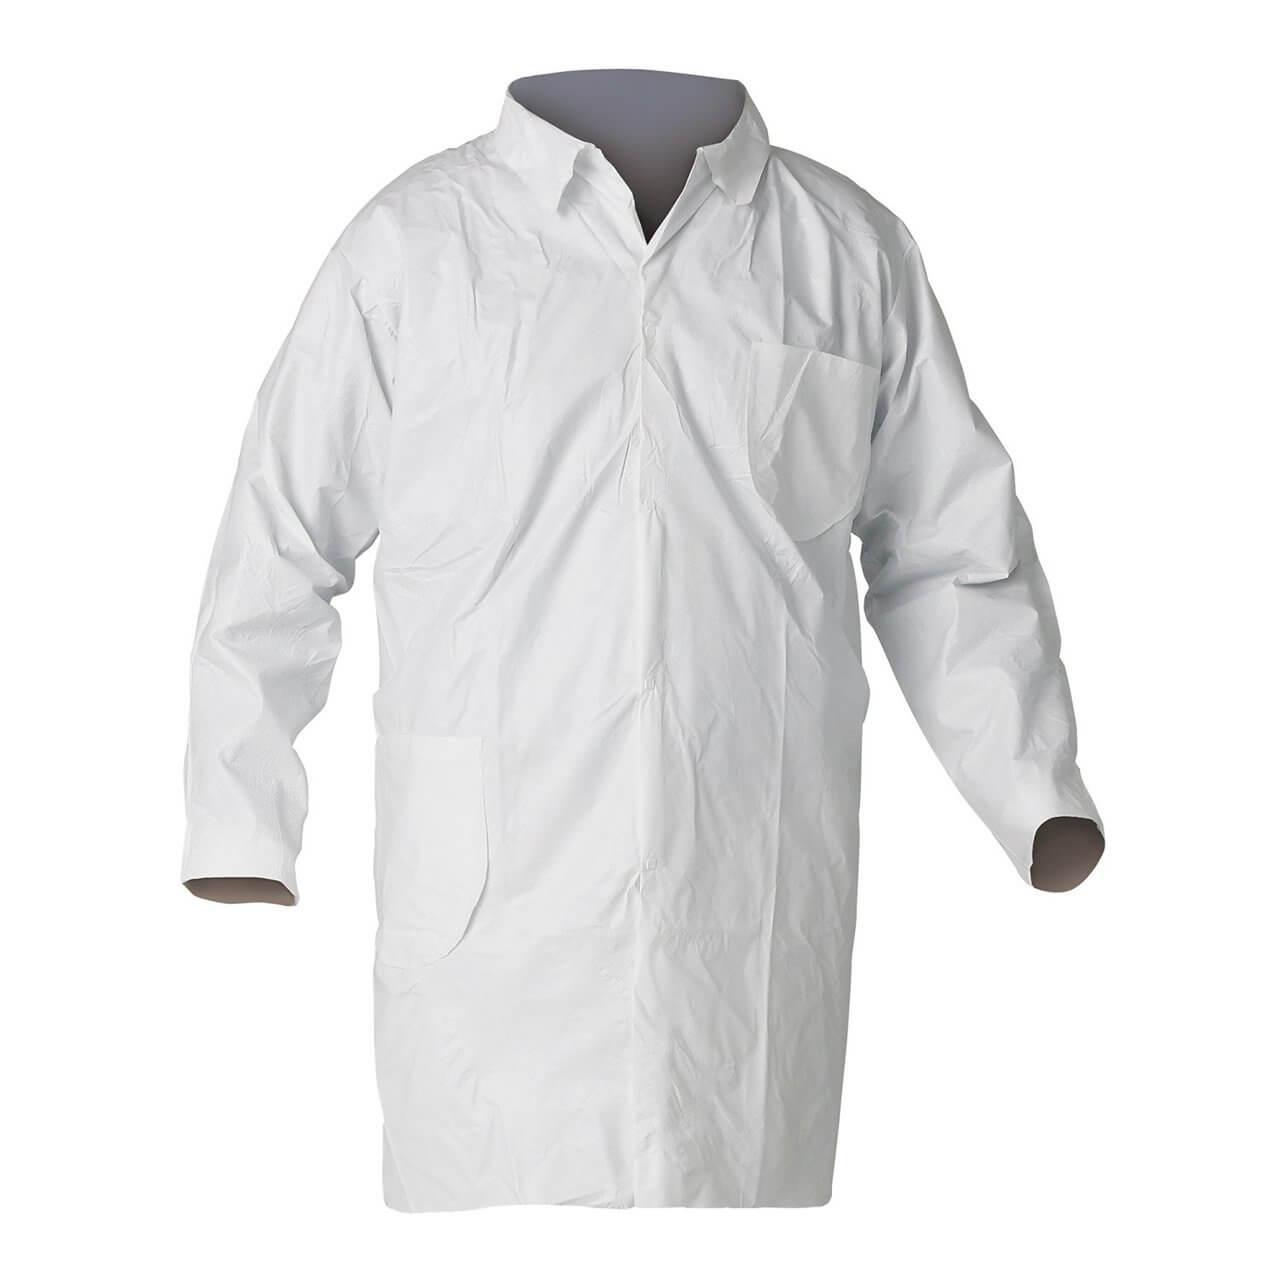 A40-27201-lab_coat__91429.1476137924.1280.1280